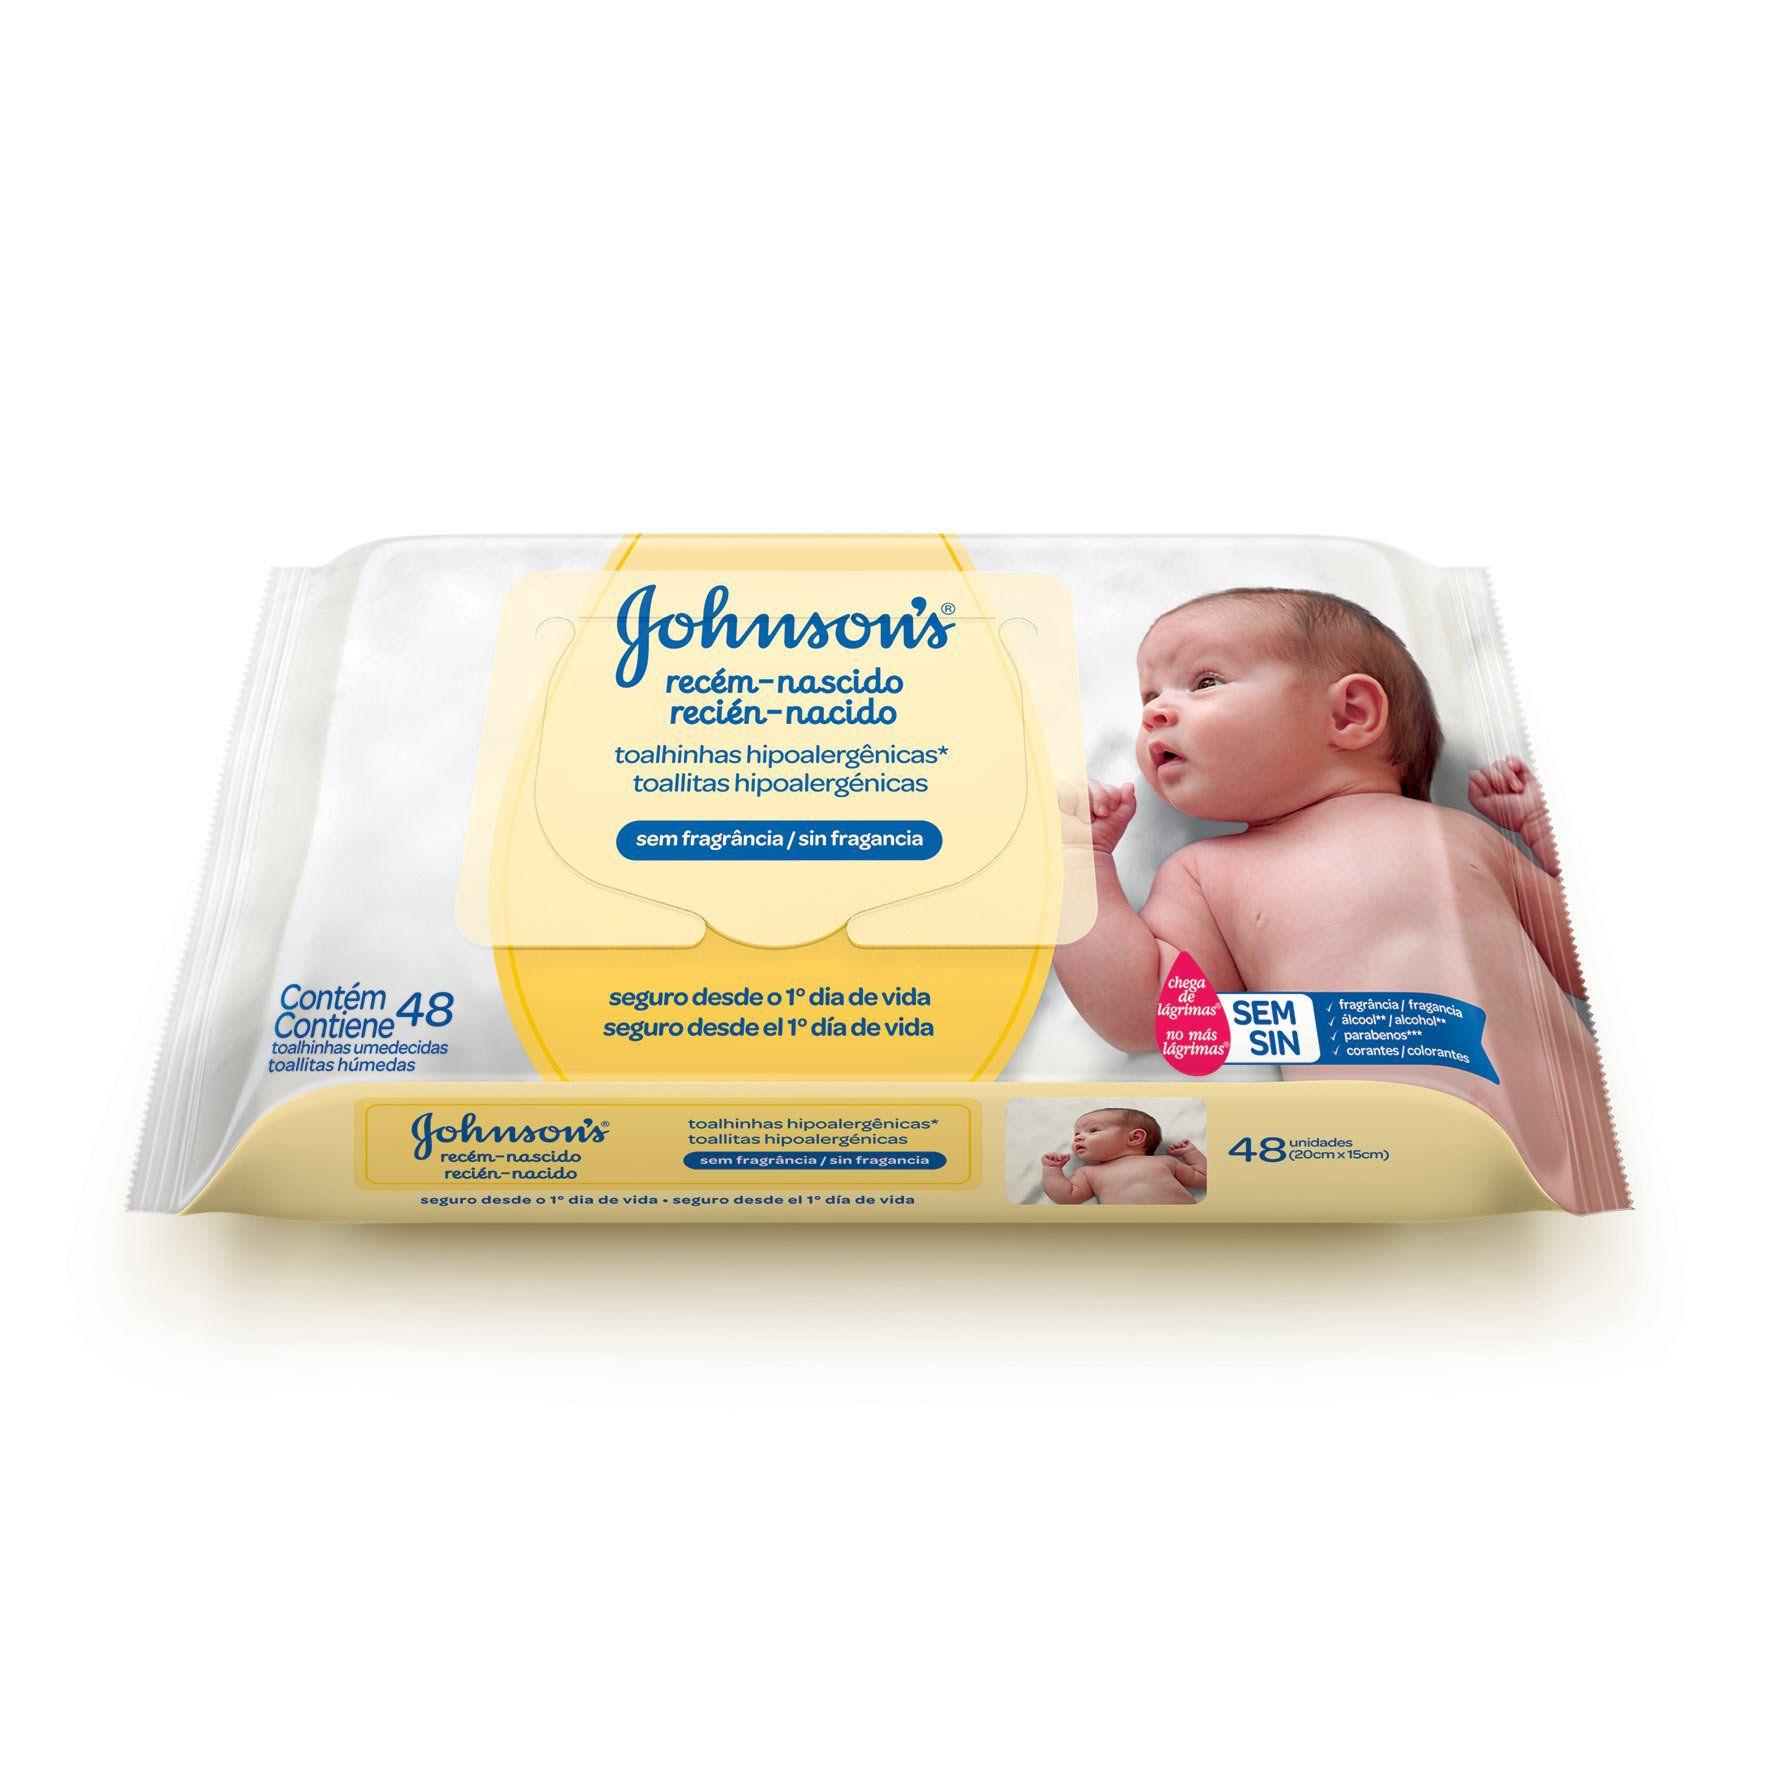 Toalhinhas Umedecidas Hipoalergênicas Sem Fragrância Johnson's Recém-Nascido - pack com 48 lenços